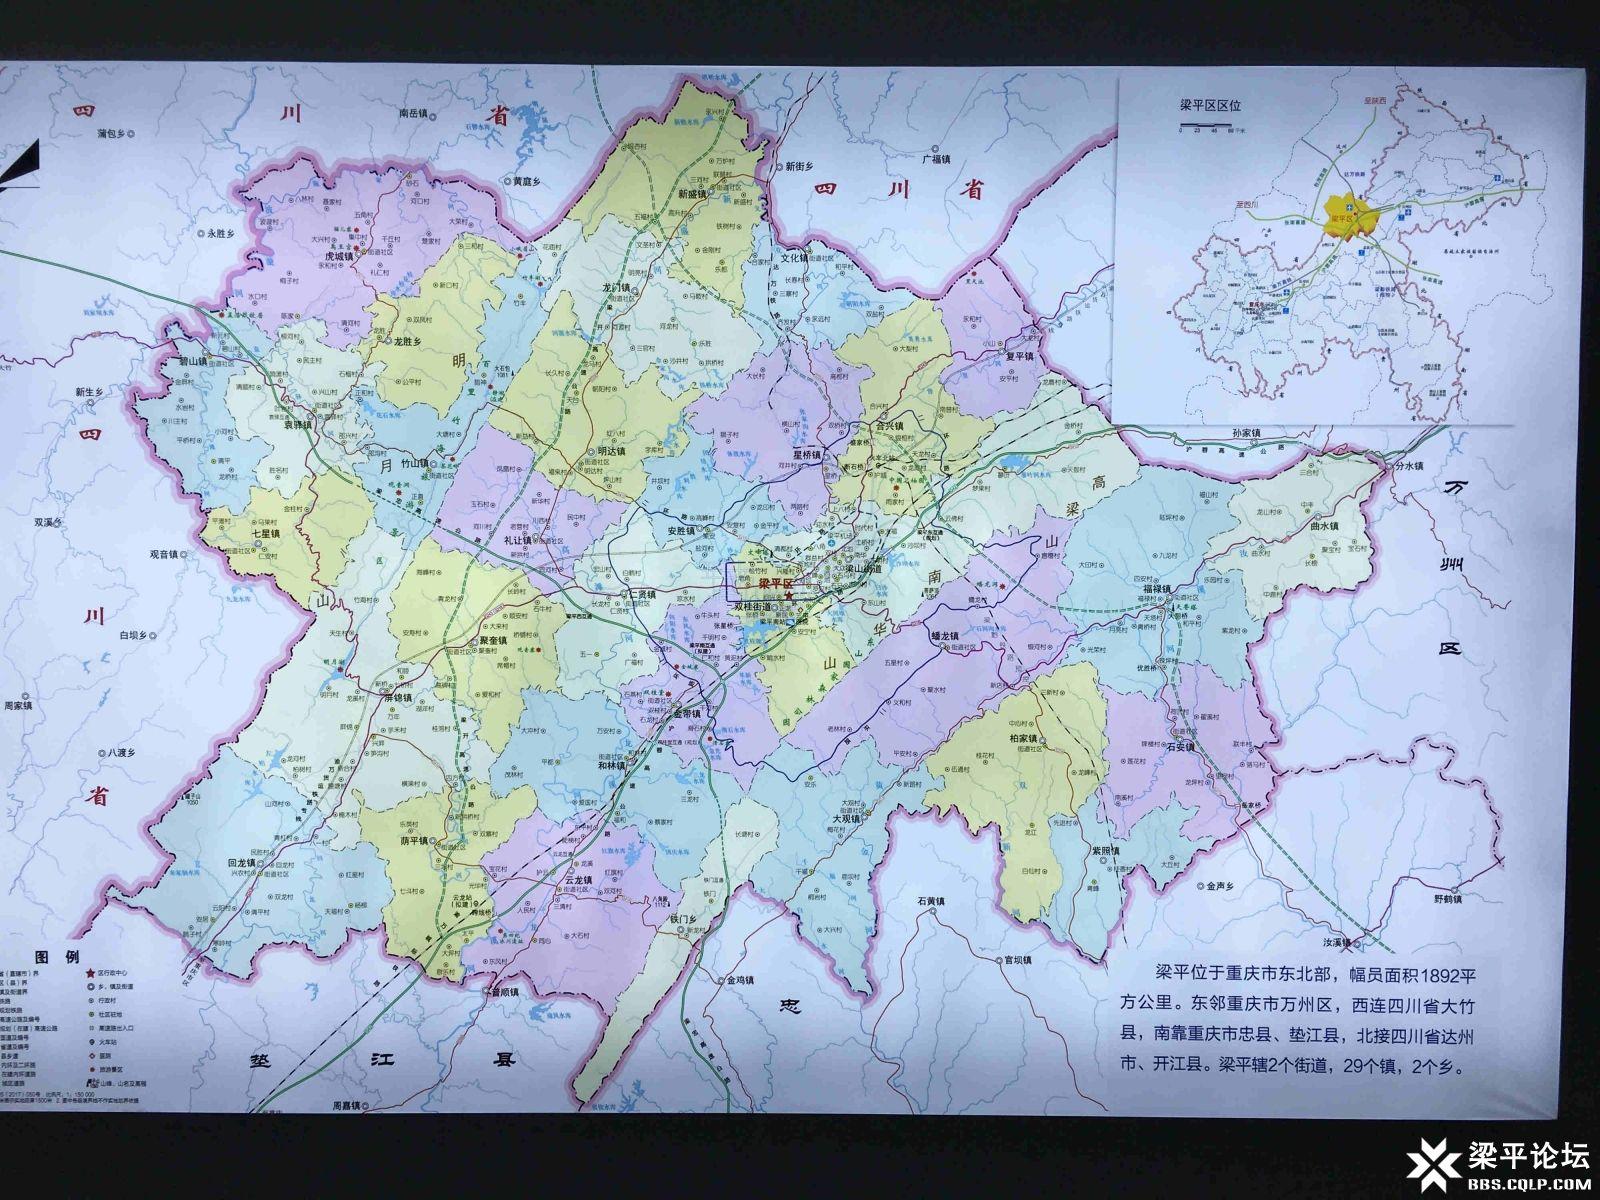 2.梁平区高速公路规划图